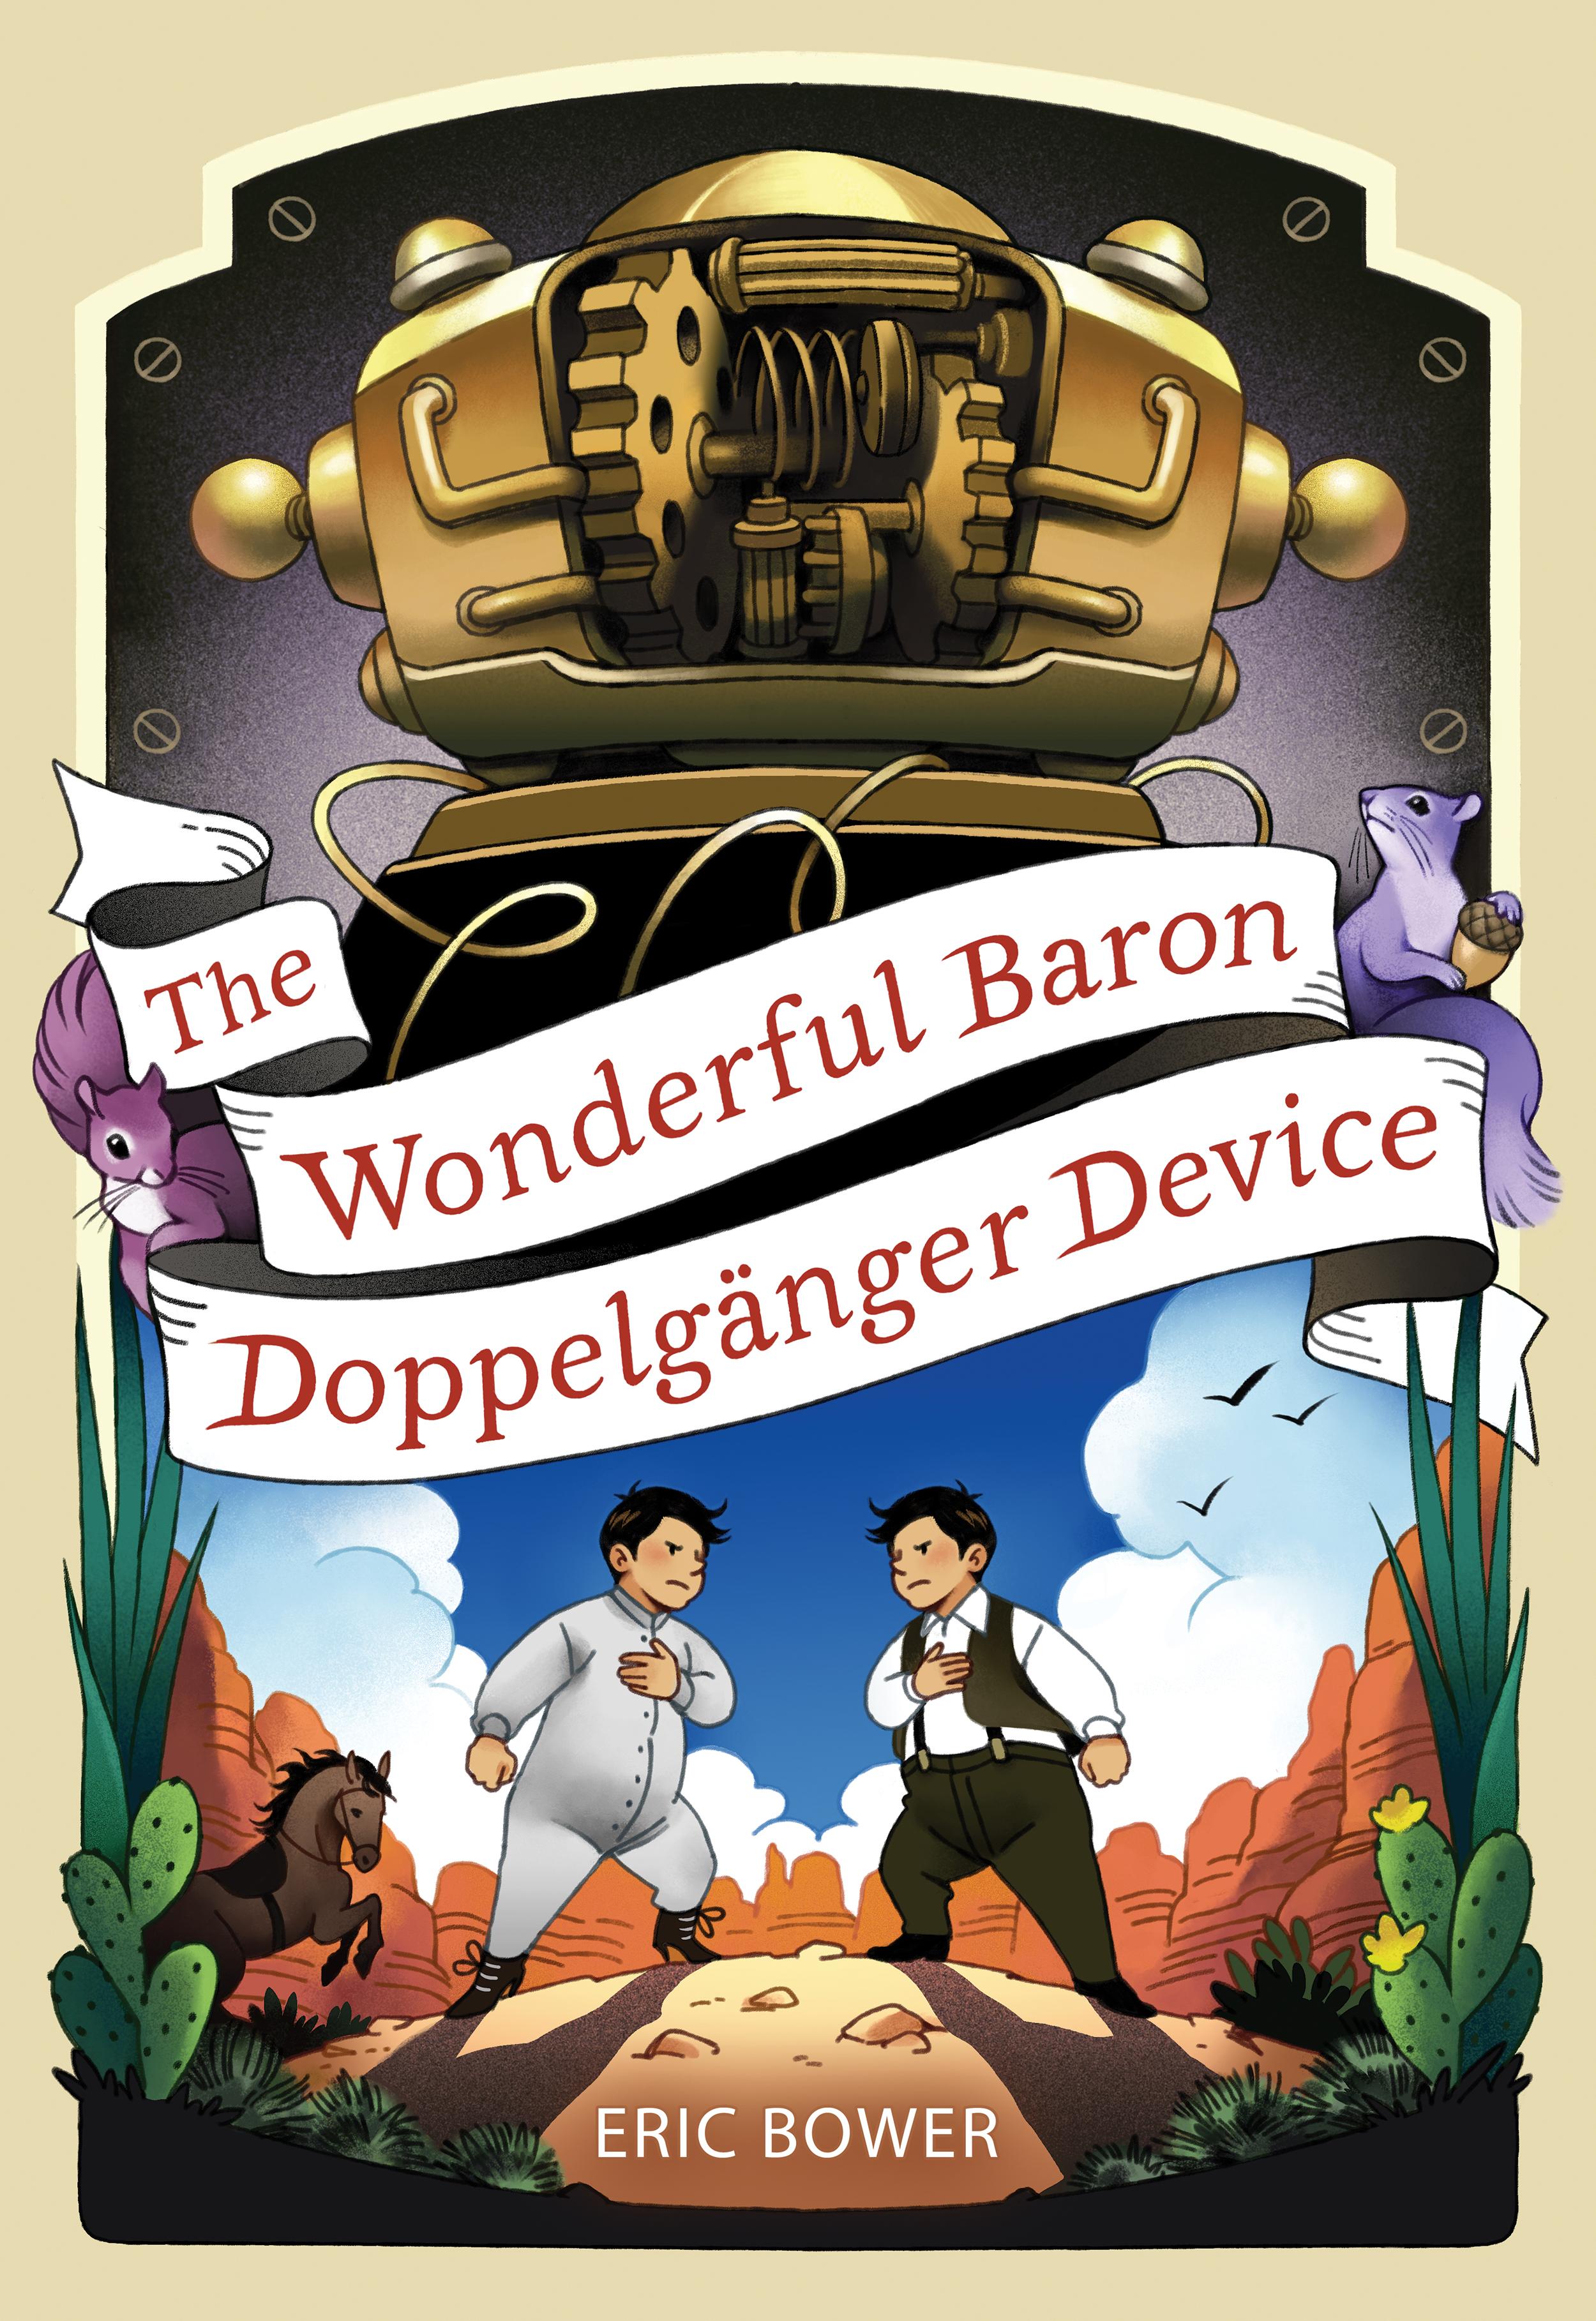 Baron Doppelganger_front cover.jpg